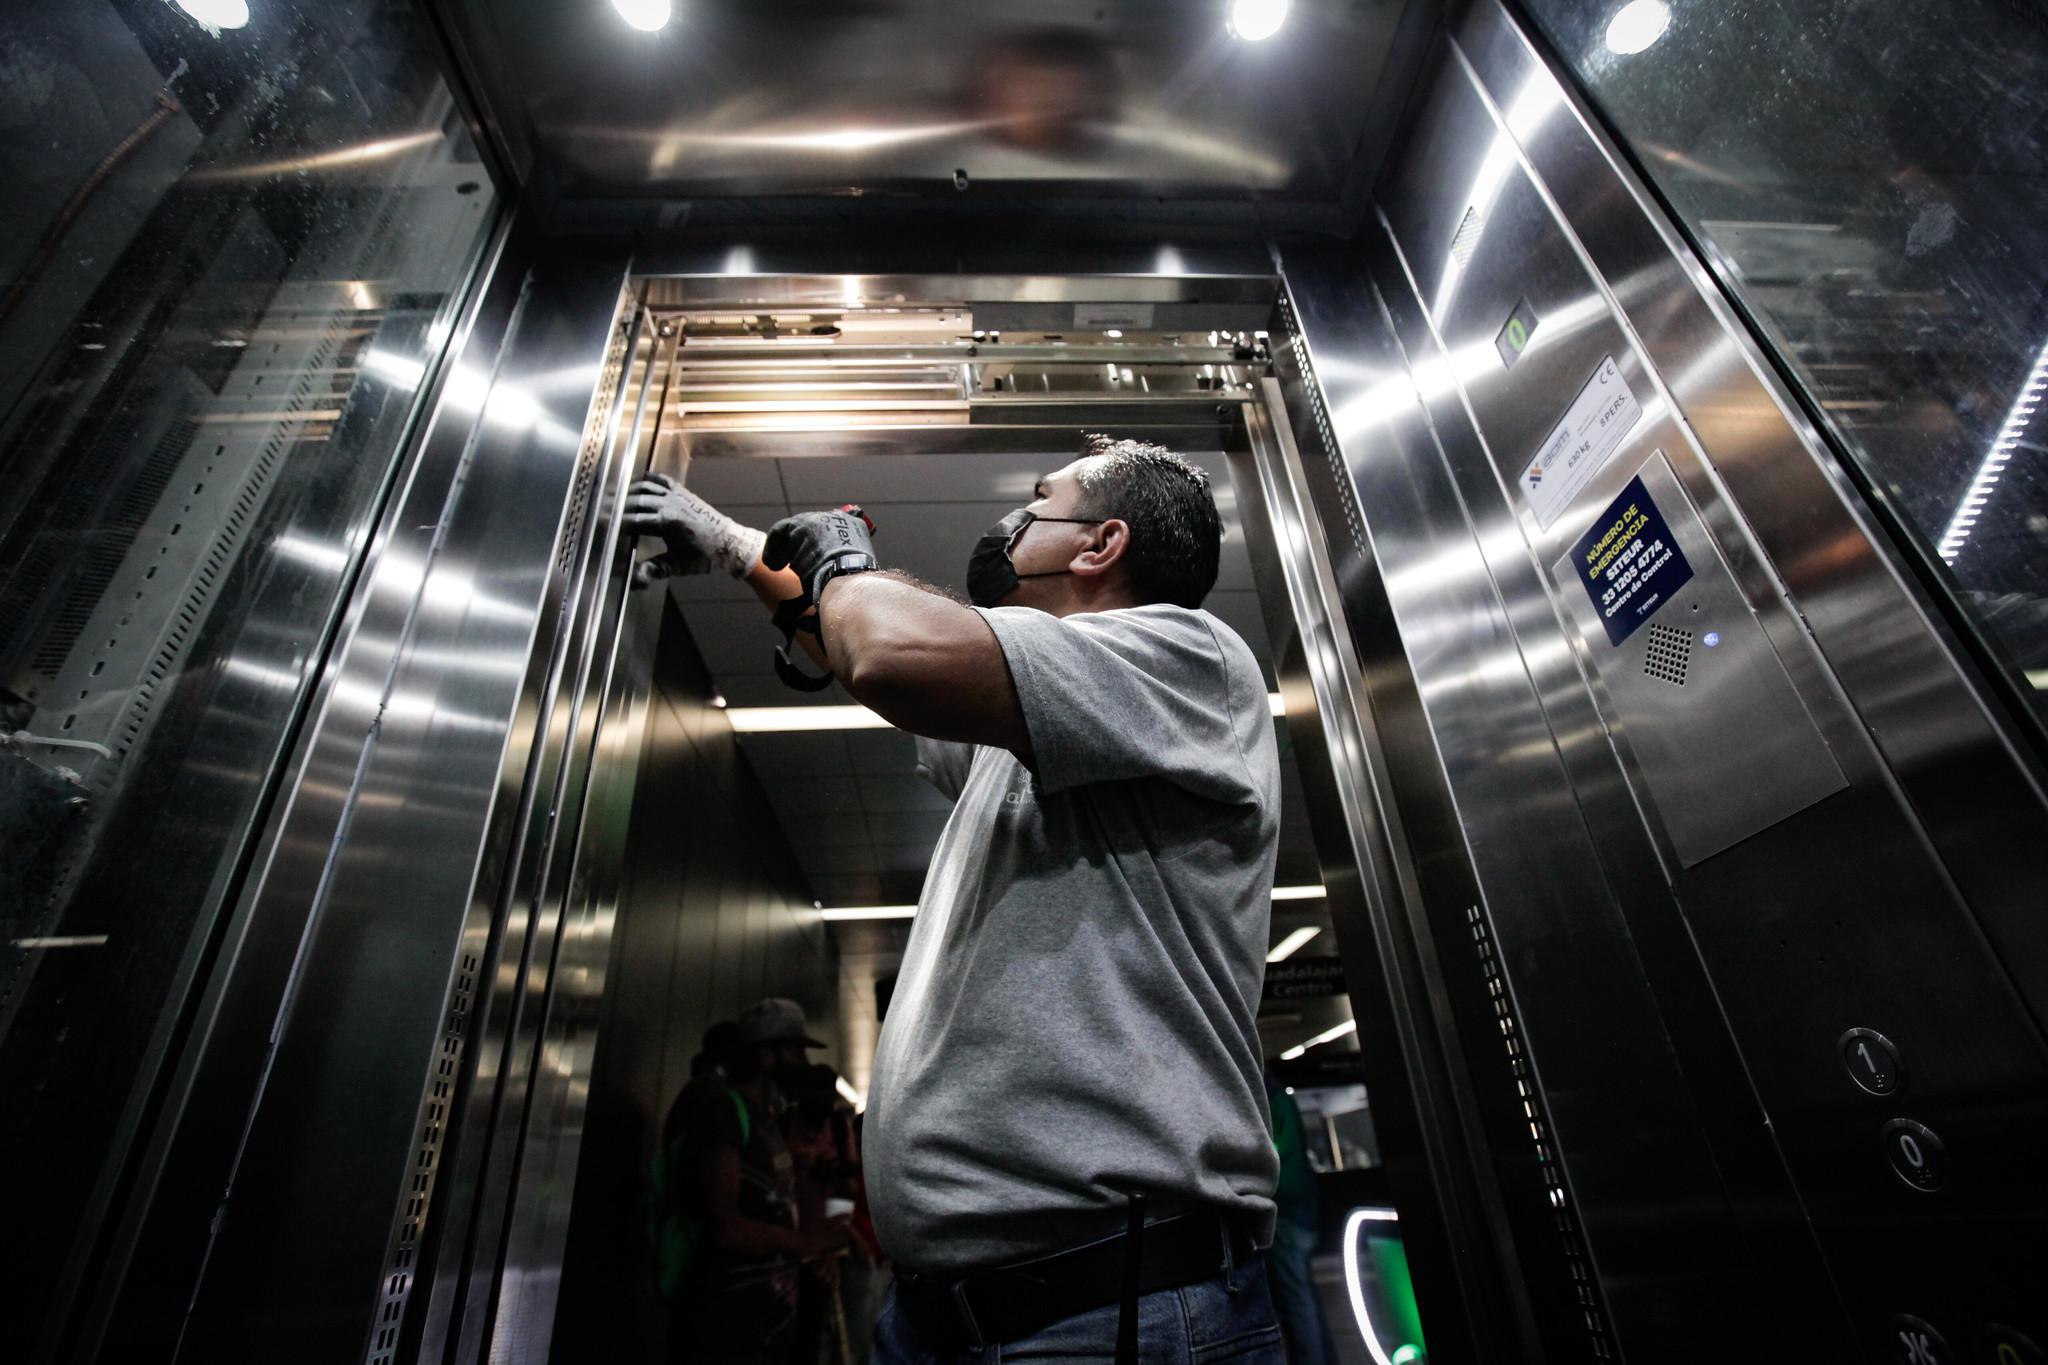 Siteur supervisa minuciosamente la seguridad, mantenimiento y control de la Línea 3 de Mi Tren